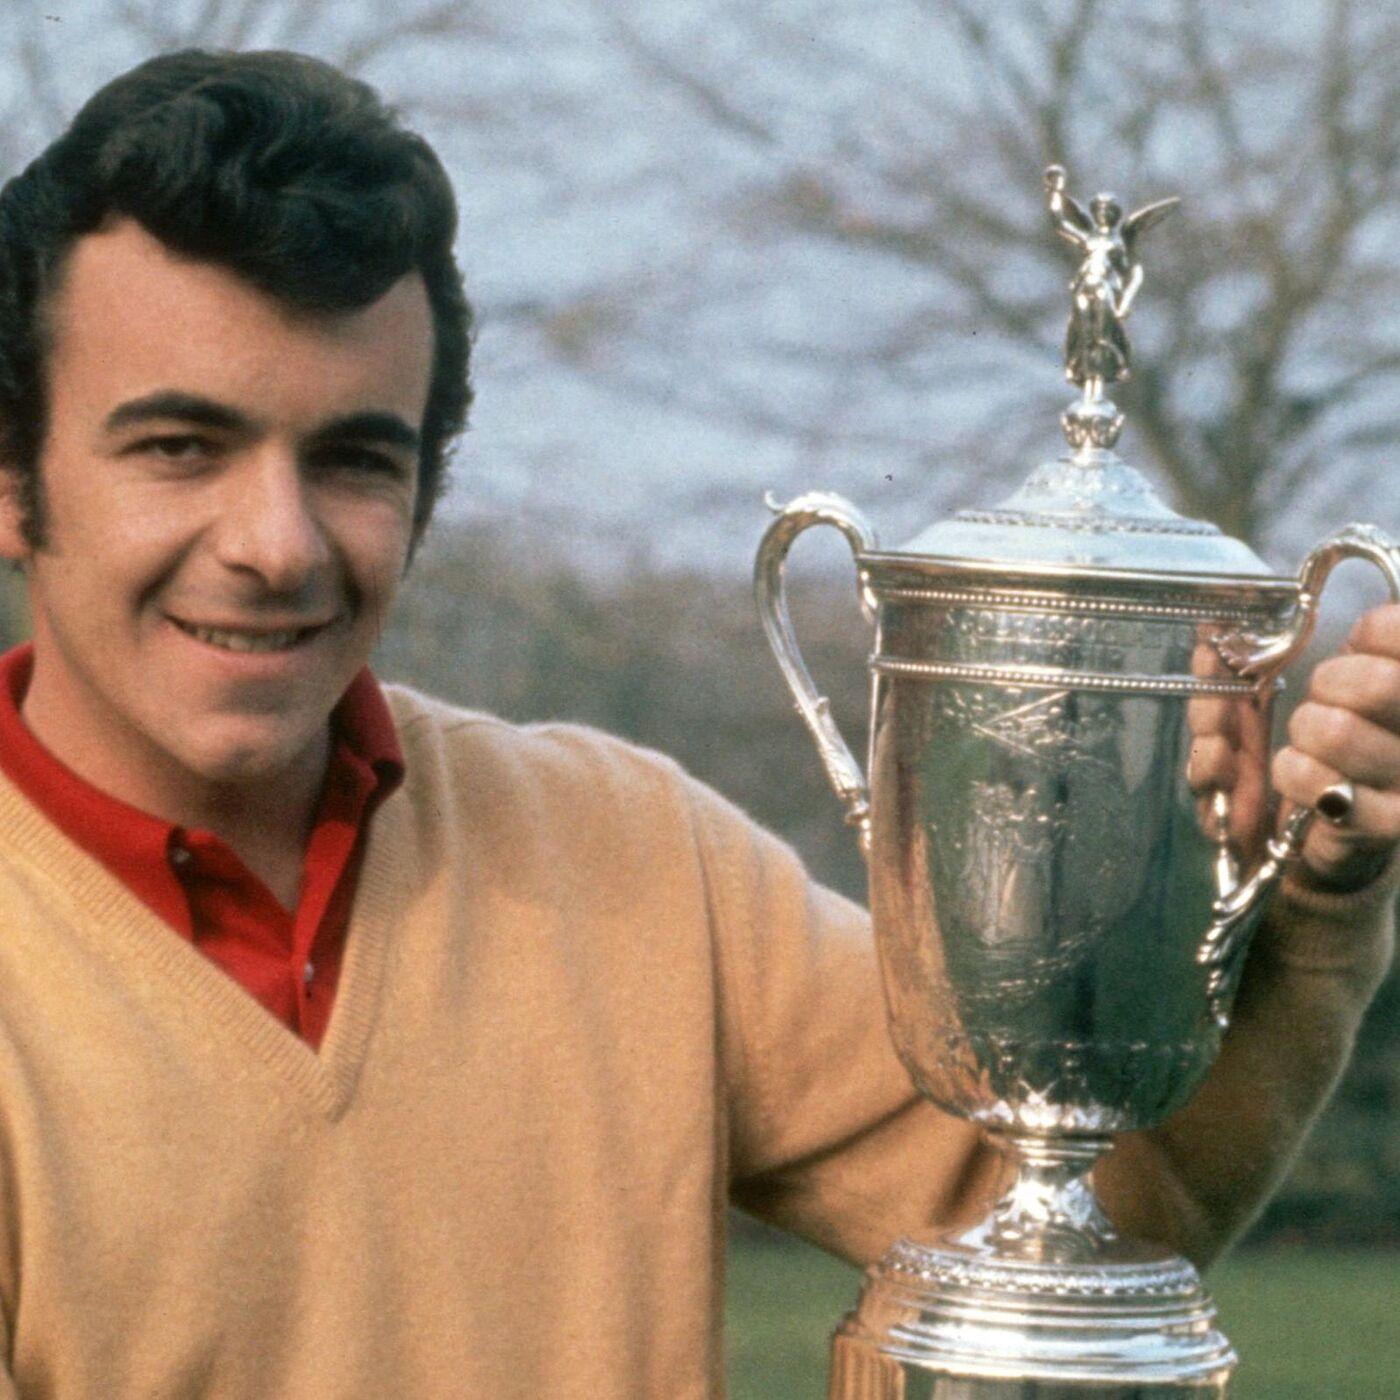 Tony Jacklin - Part 2 (The 1970 U.S. Open)